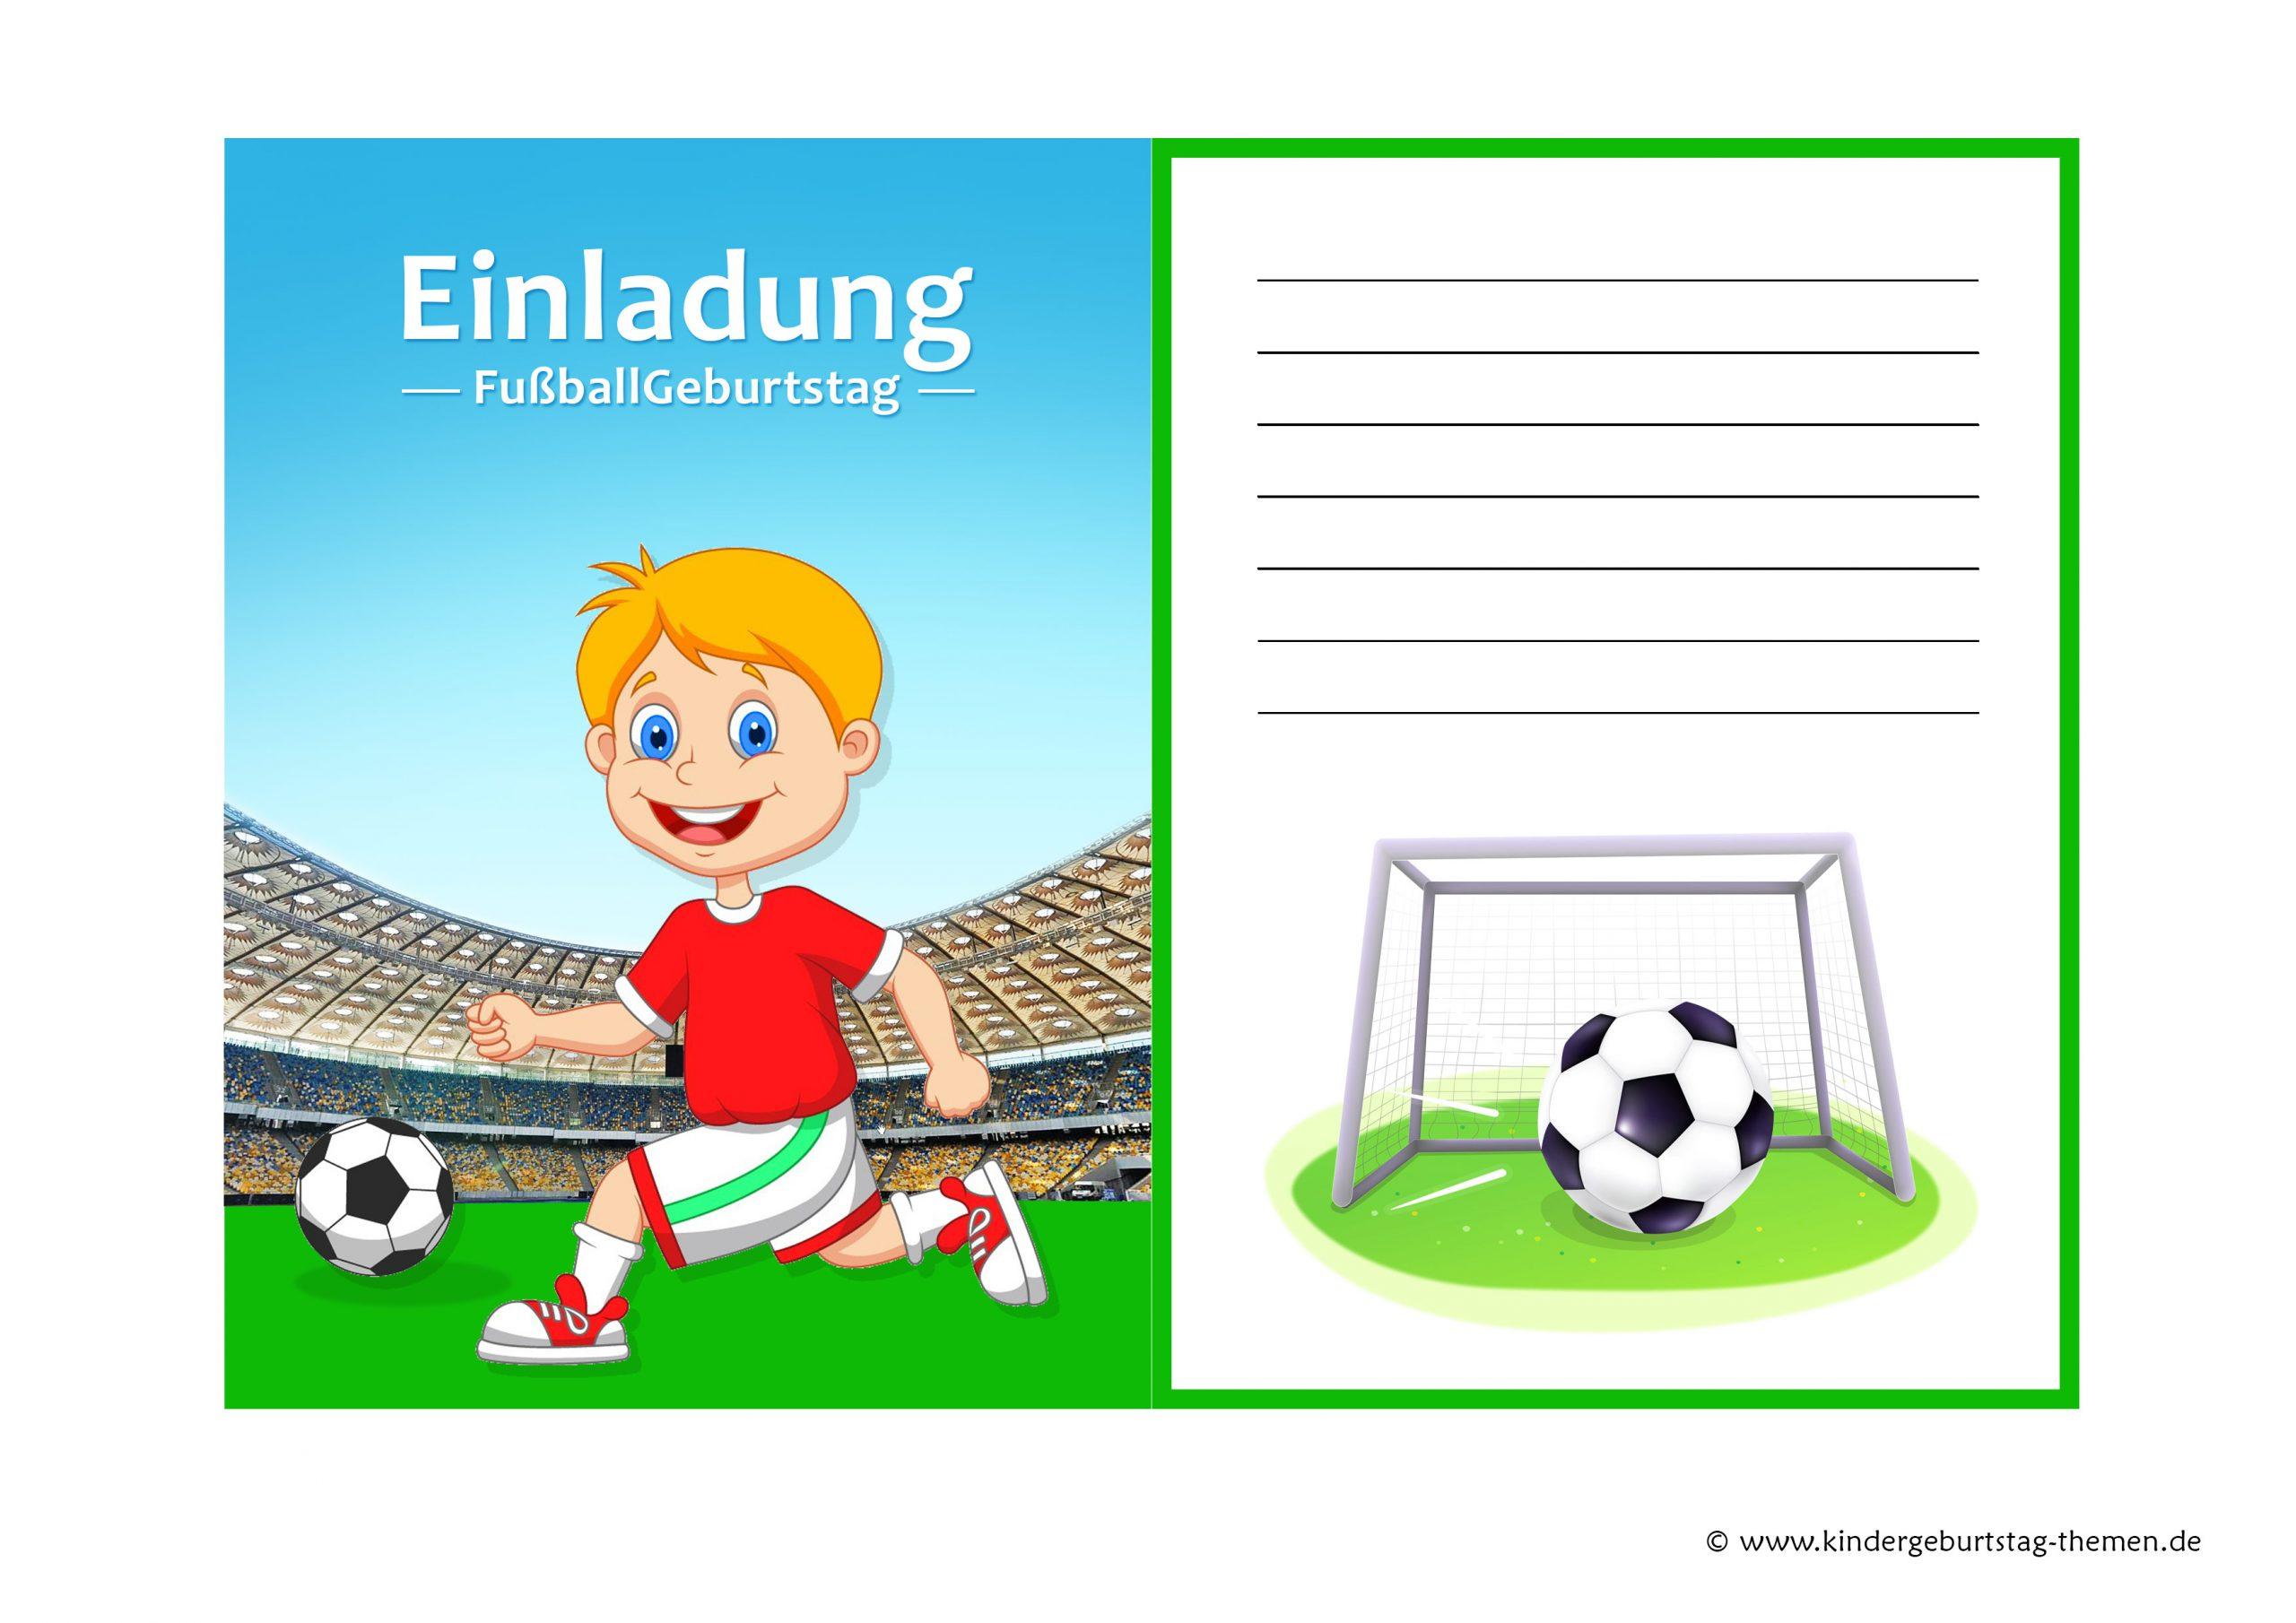 Fussball Einladung: Kostenlose Vorlagen Zum Ausdrucken verwandt mit Fussball Vorlagen Zum Ausdrucken